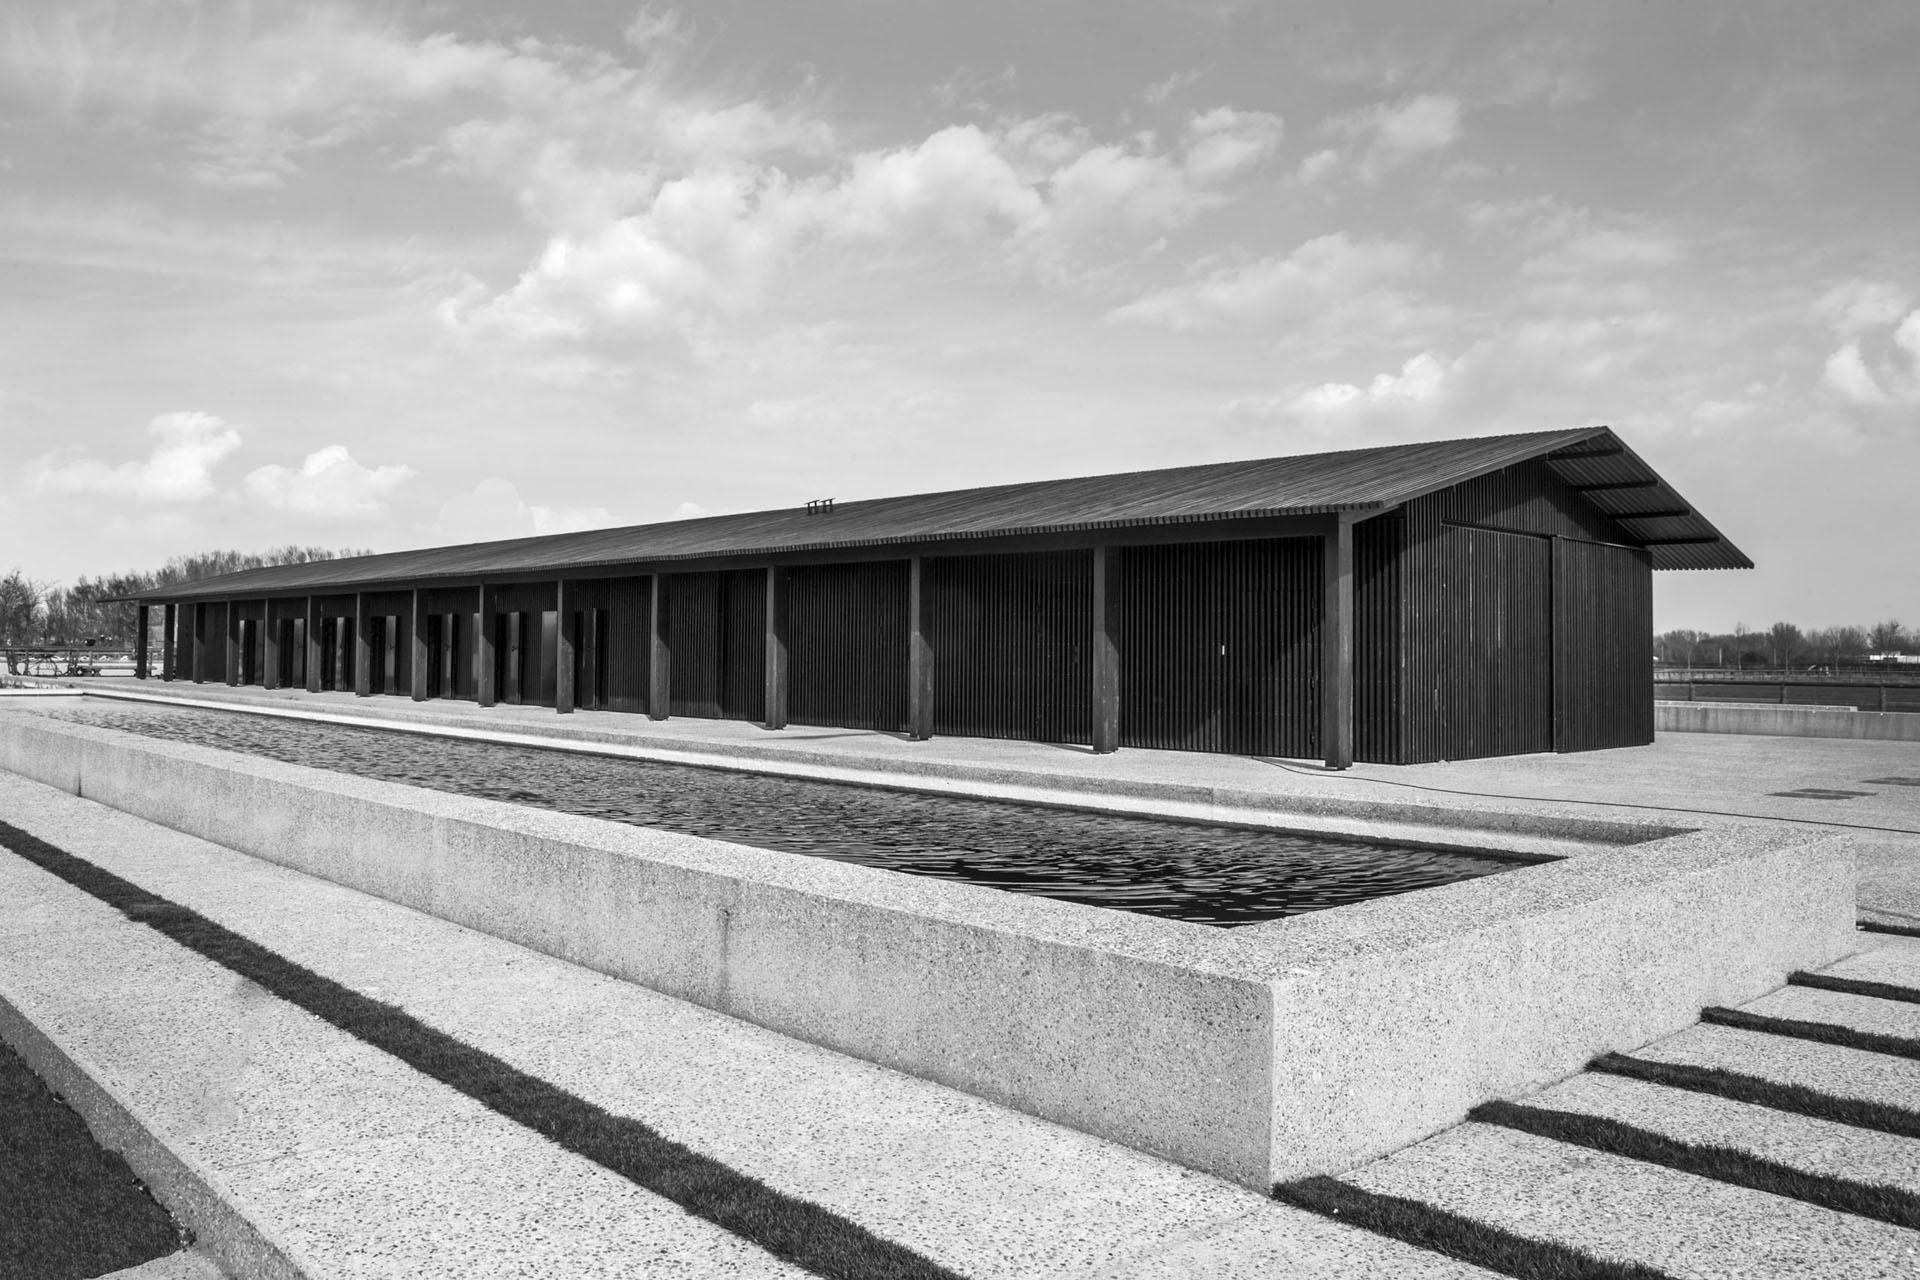 <p>Met TR-Residence in Knokke wint Vincent van Duysen Architects de ARC15 Architectuur Award</p>